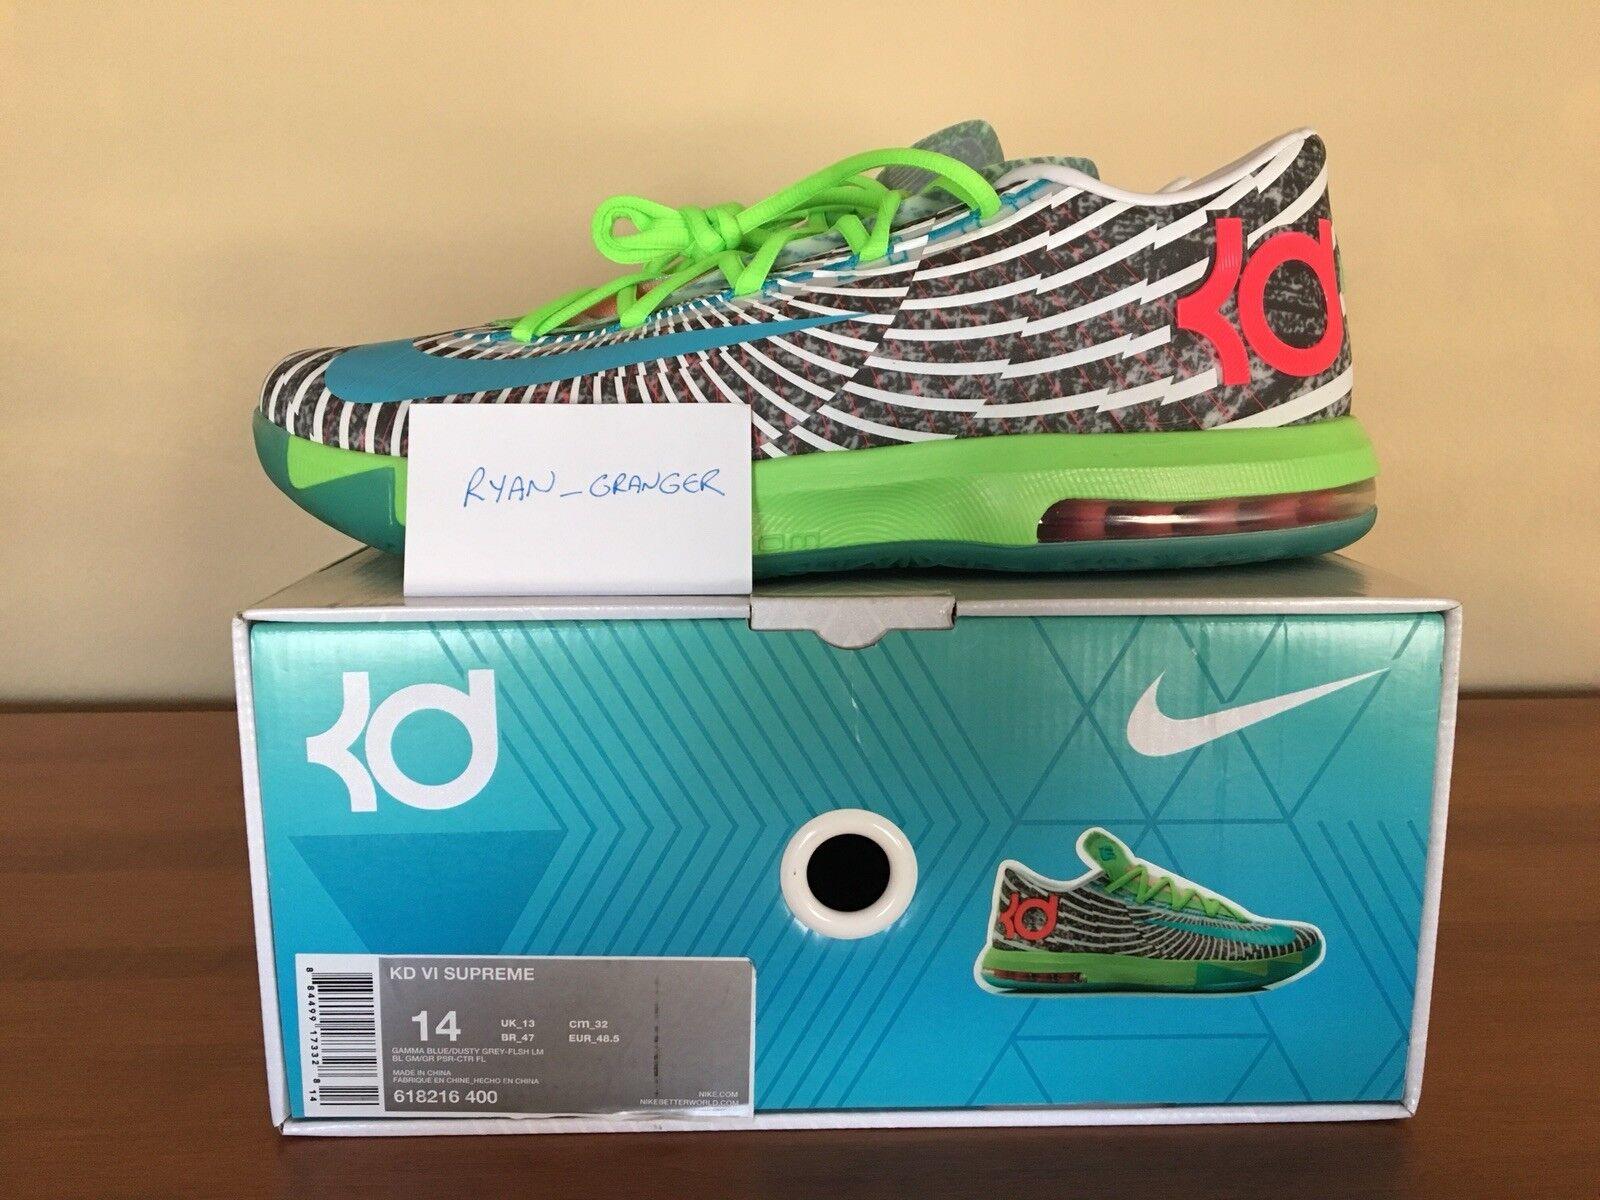 Nike KD VI DC Pre Heat Size 14.0